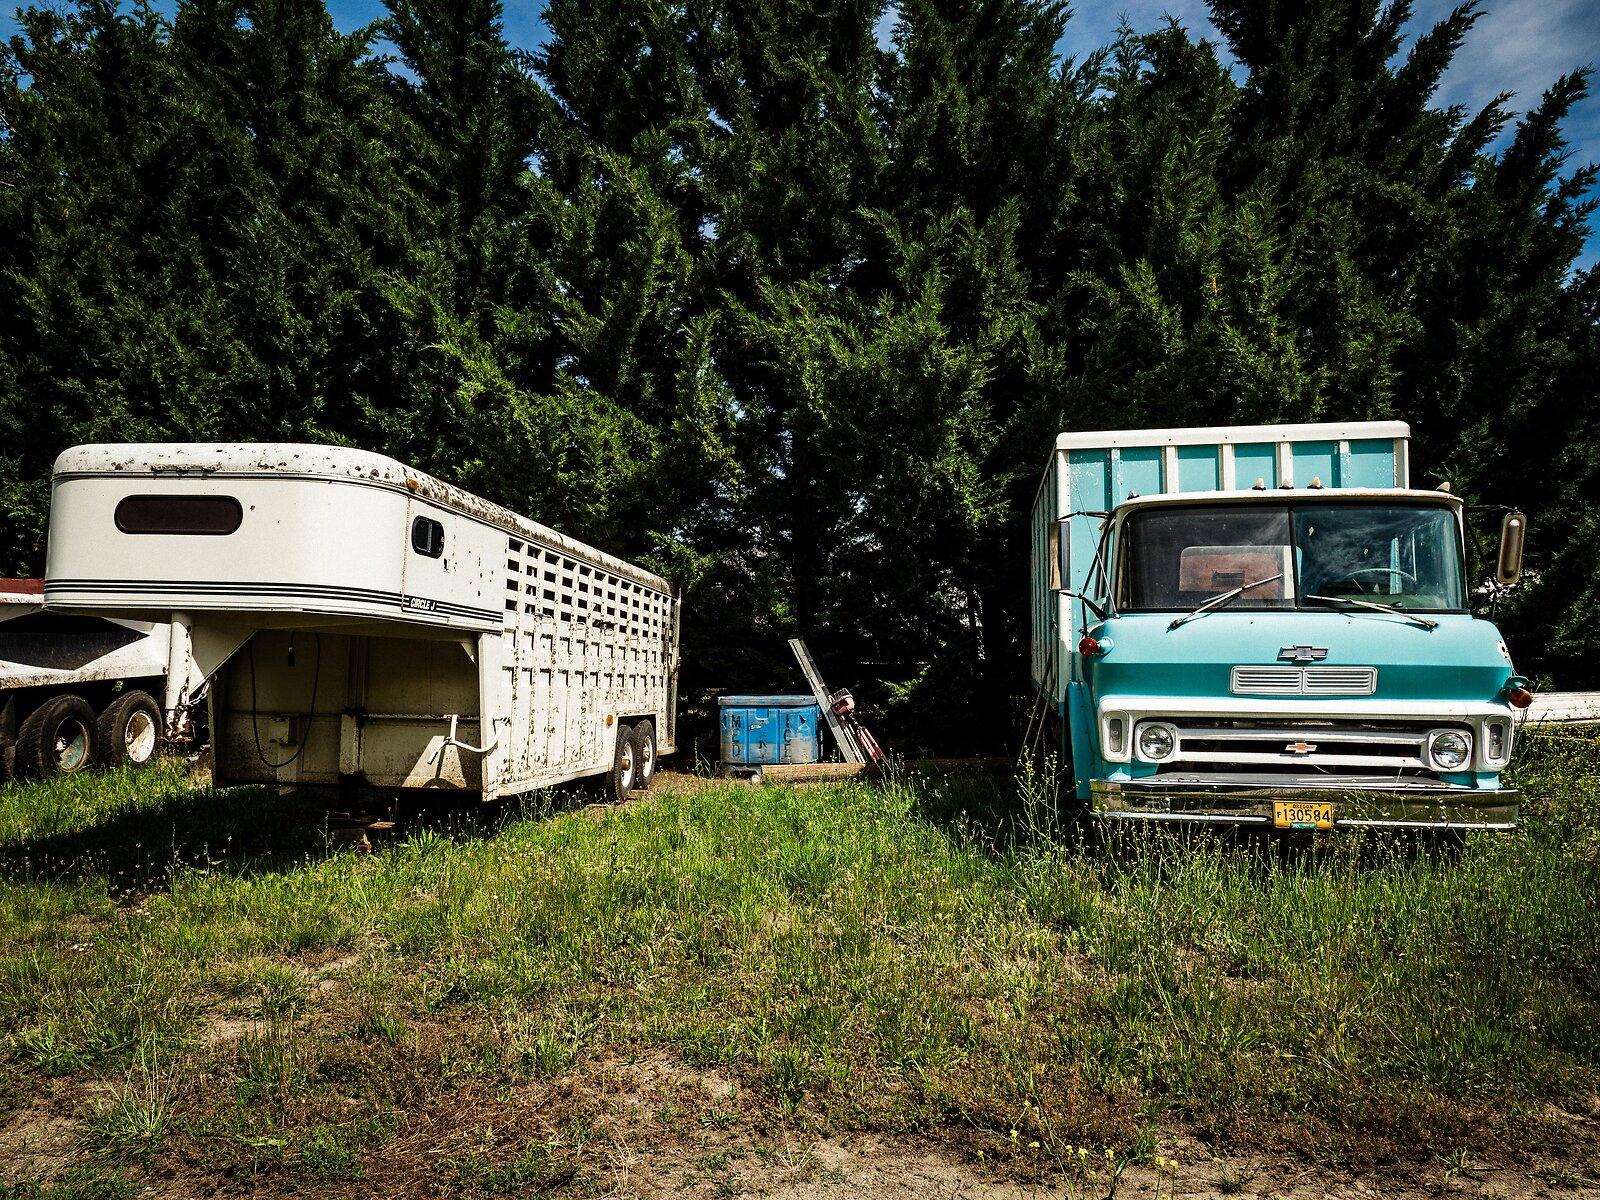 GX8_June20_FarmTruck&HorseTrailer.jpg